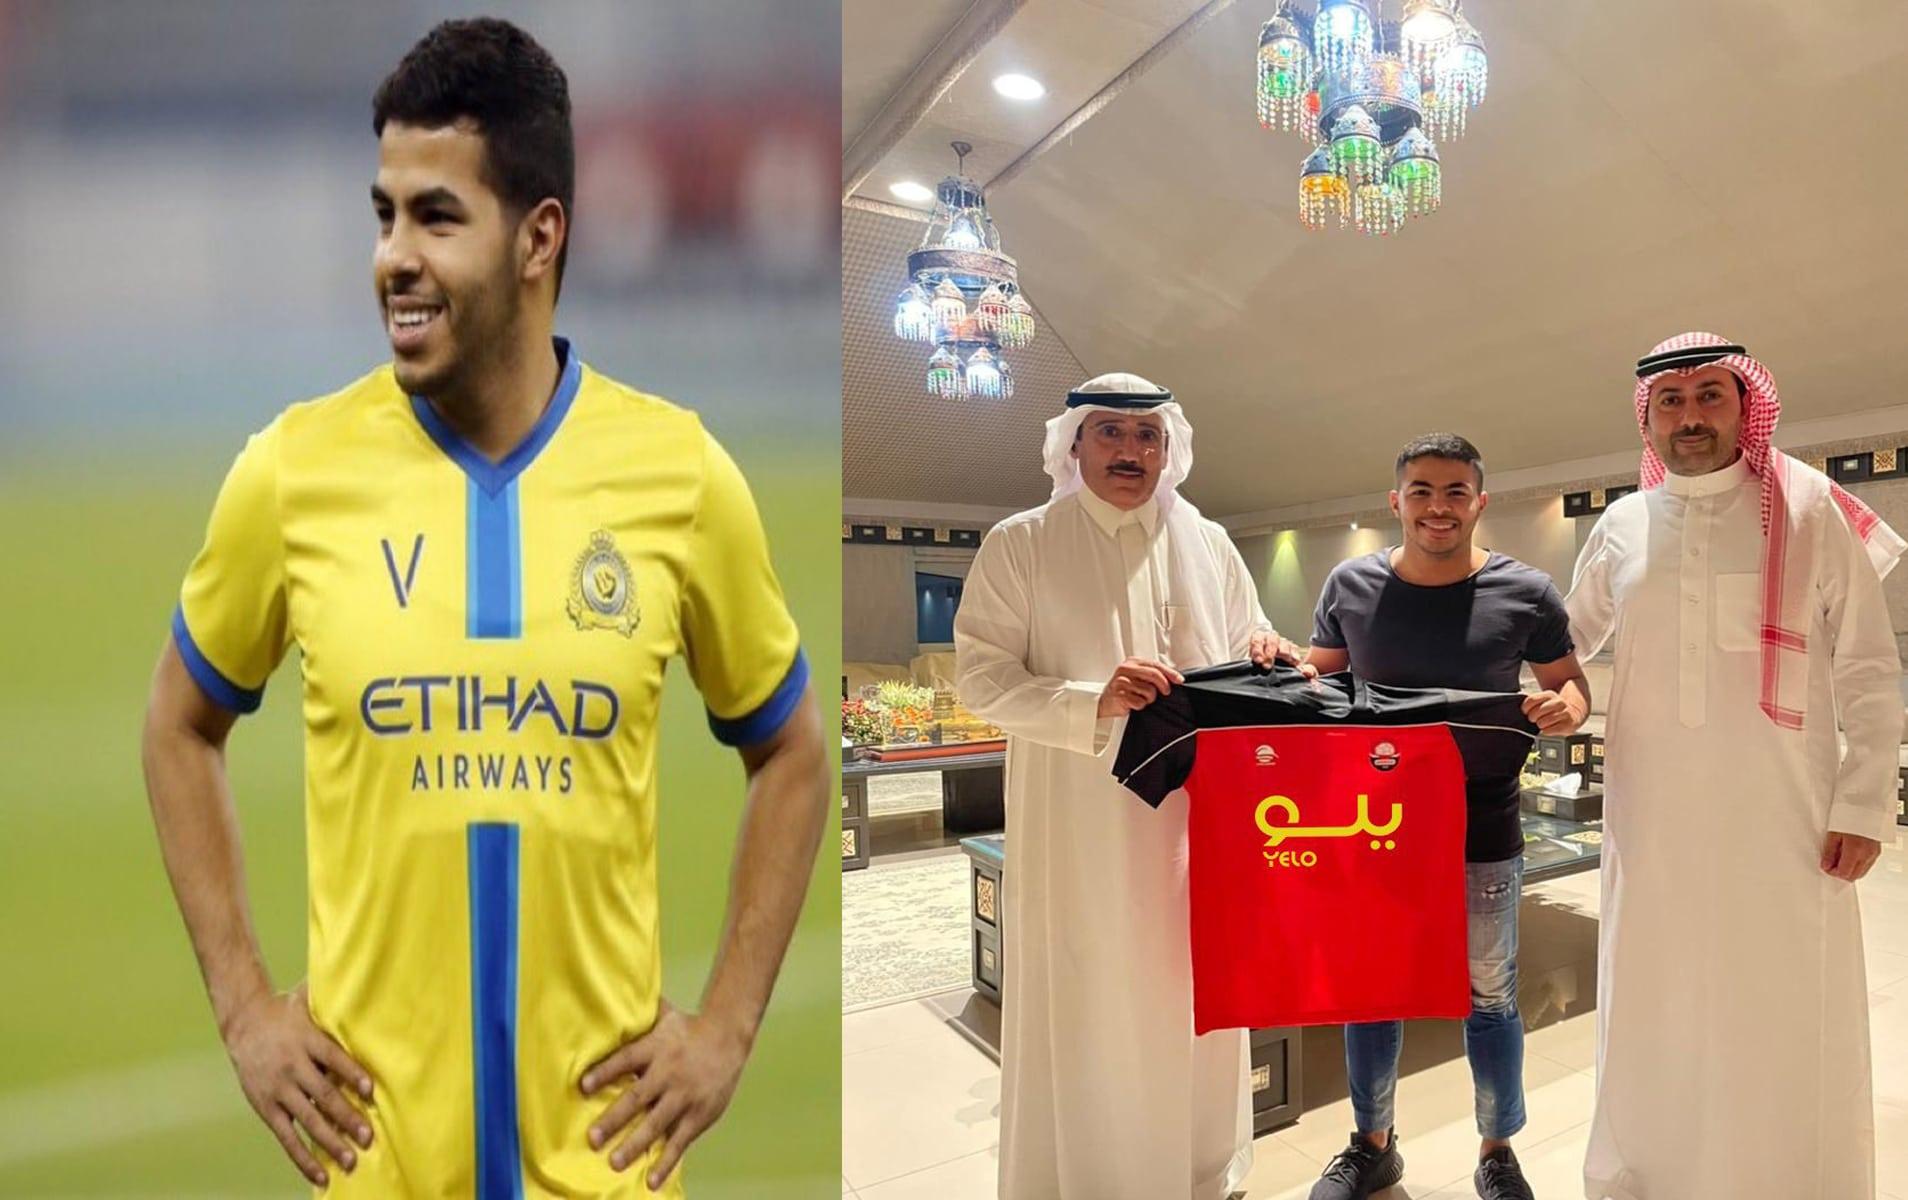 الرائد السعودي يوقع رسميًا مع نجم النصر السابق يحيى الشهري (فيديو)